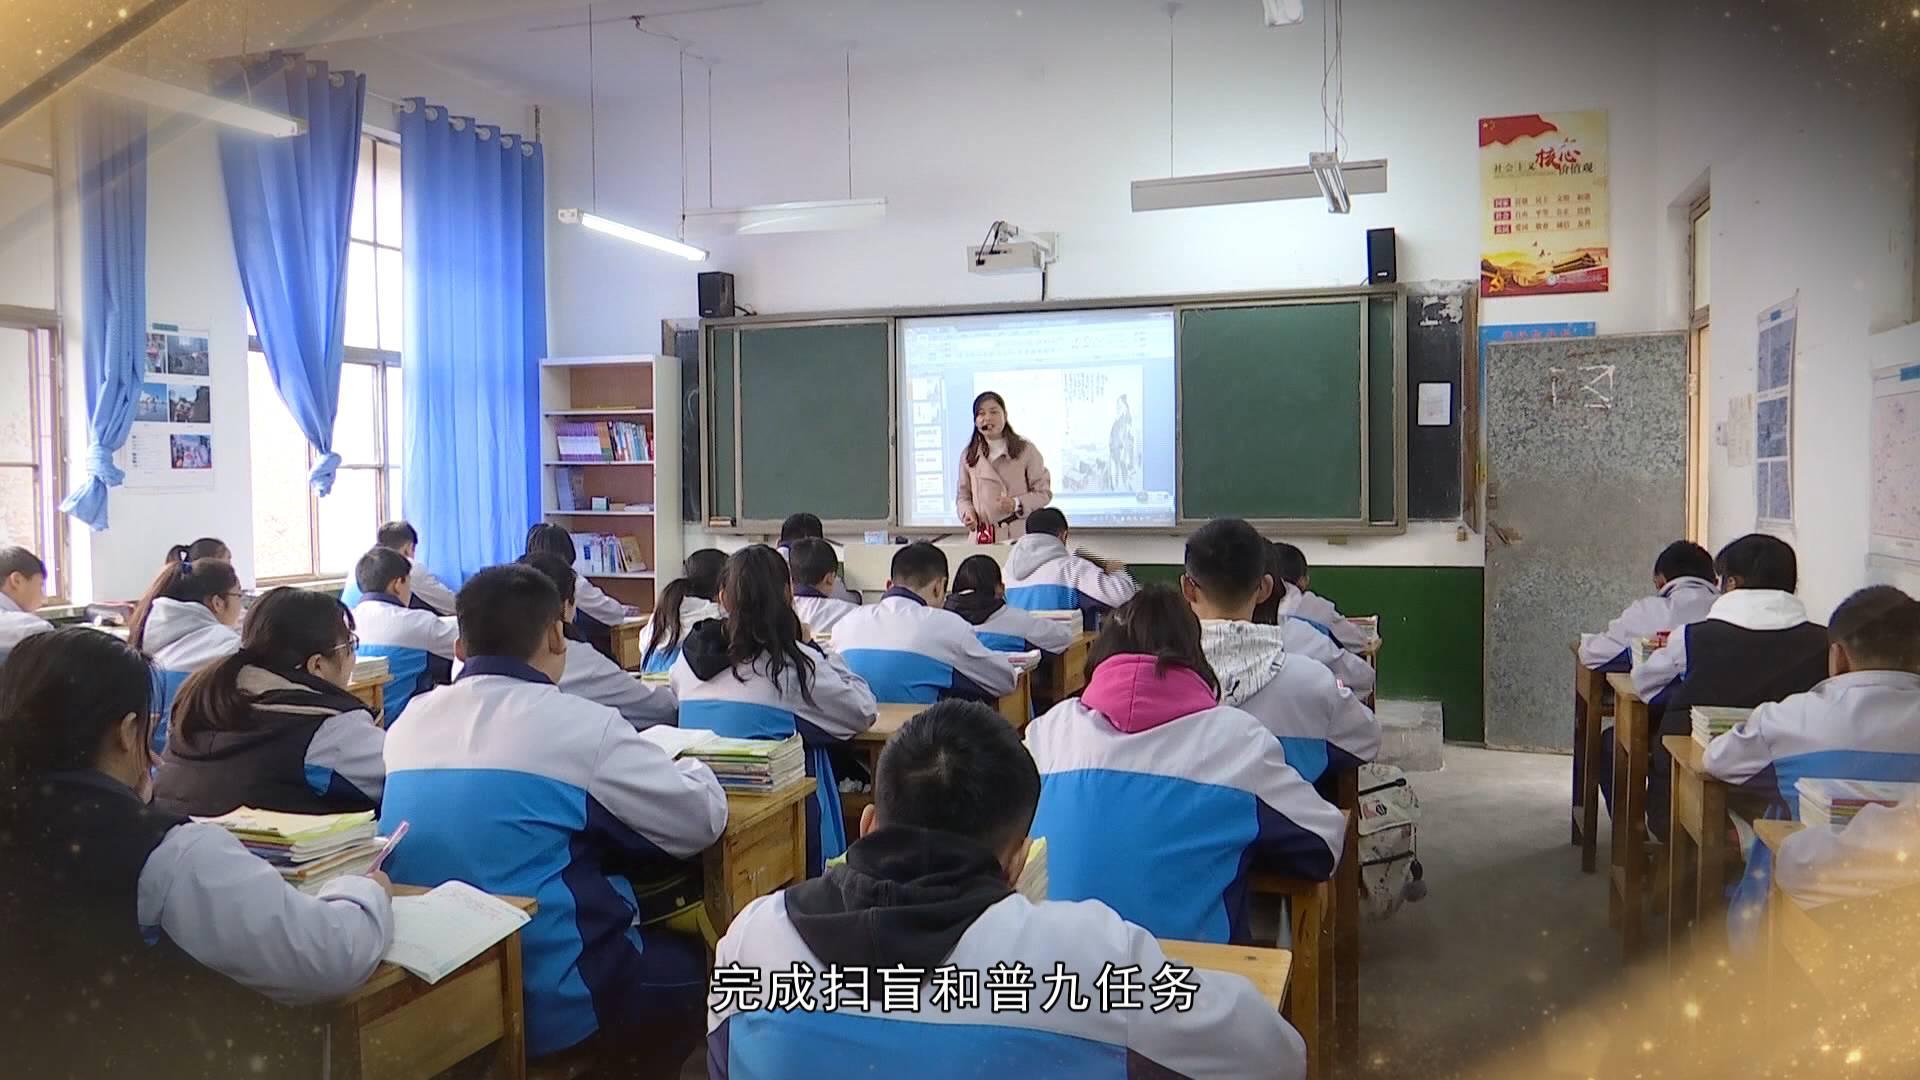 感动山东40人40事 | 山东中小学校舍改造为全国教育改革发展提供借鉴